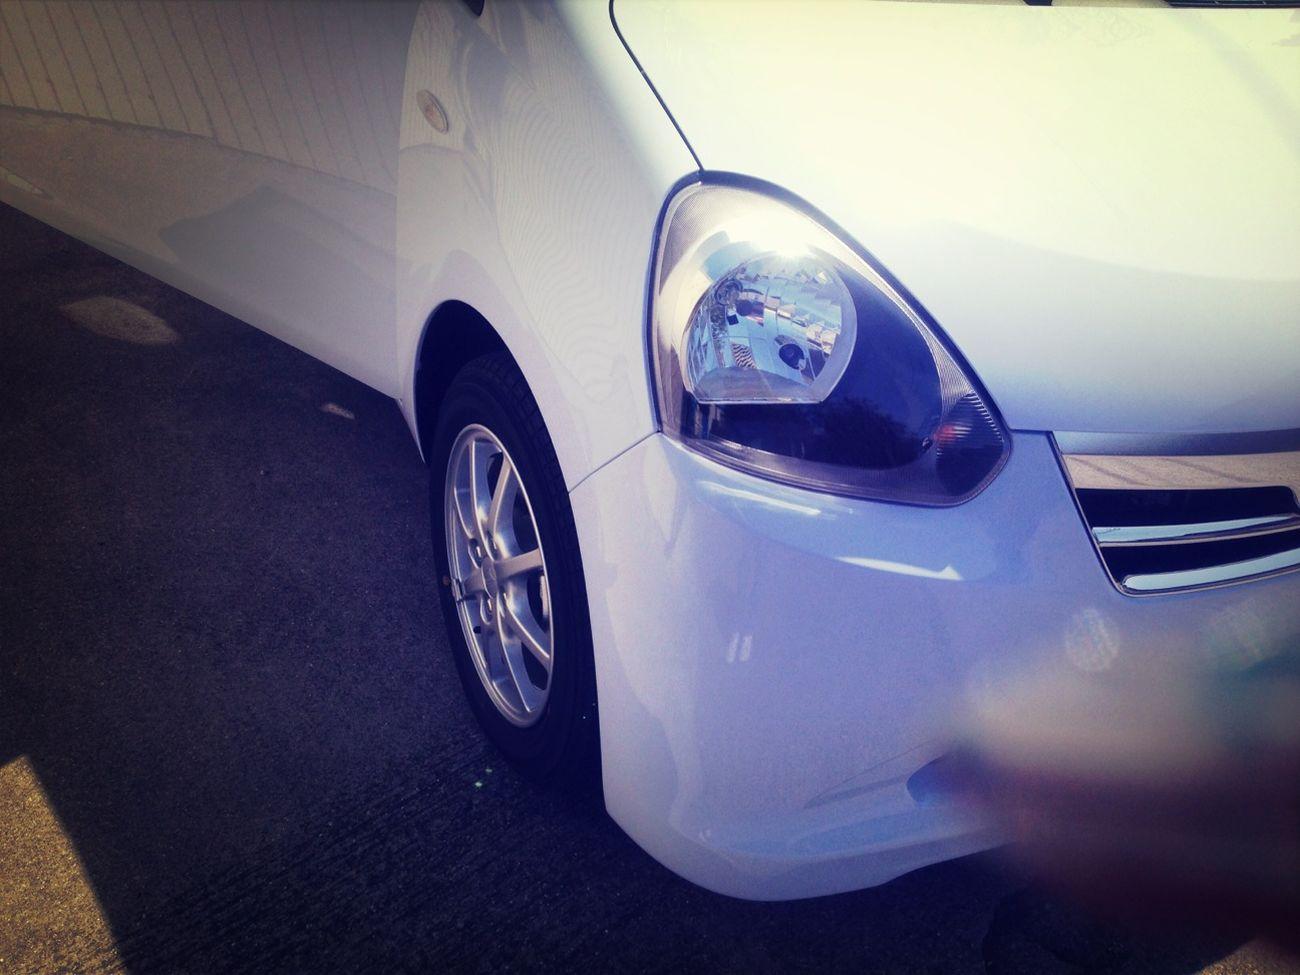 Came my new car!(((o(*゚▽゚*)o)))